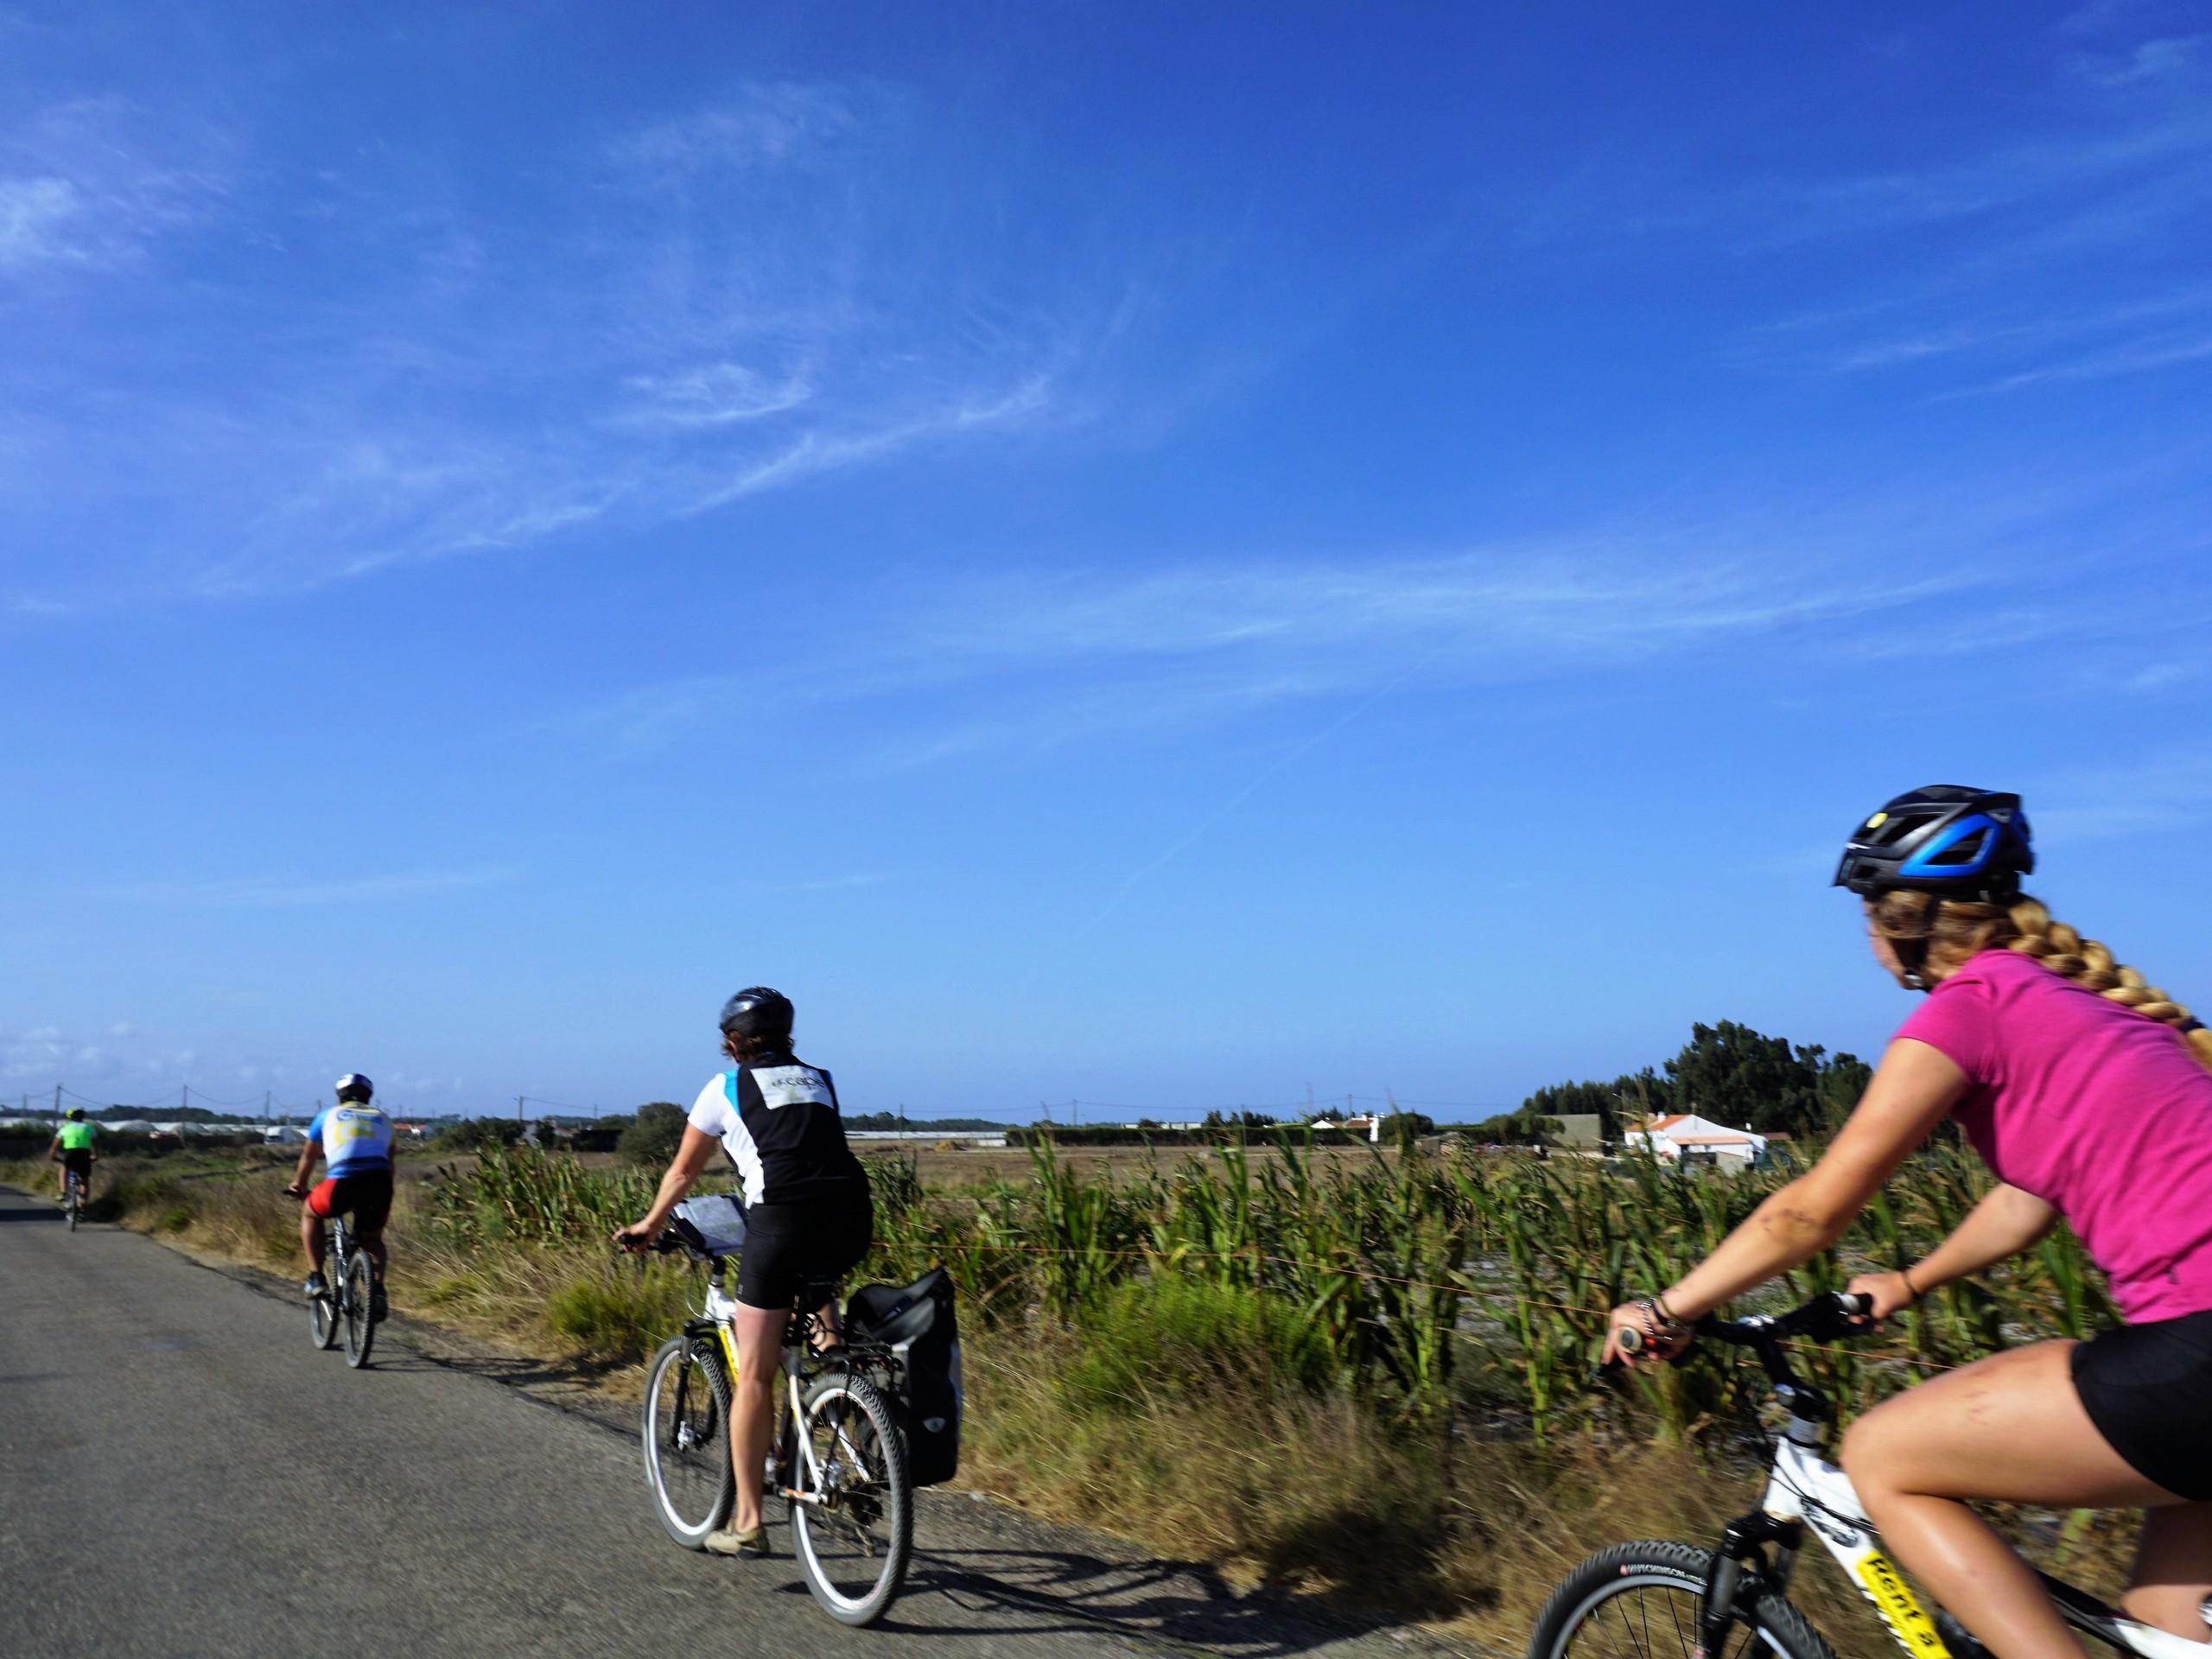 Cyclist biking through fields in Portugal